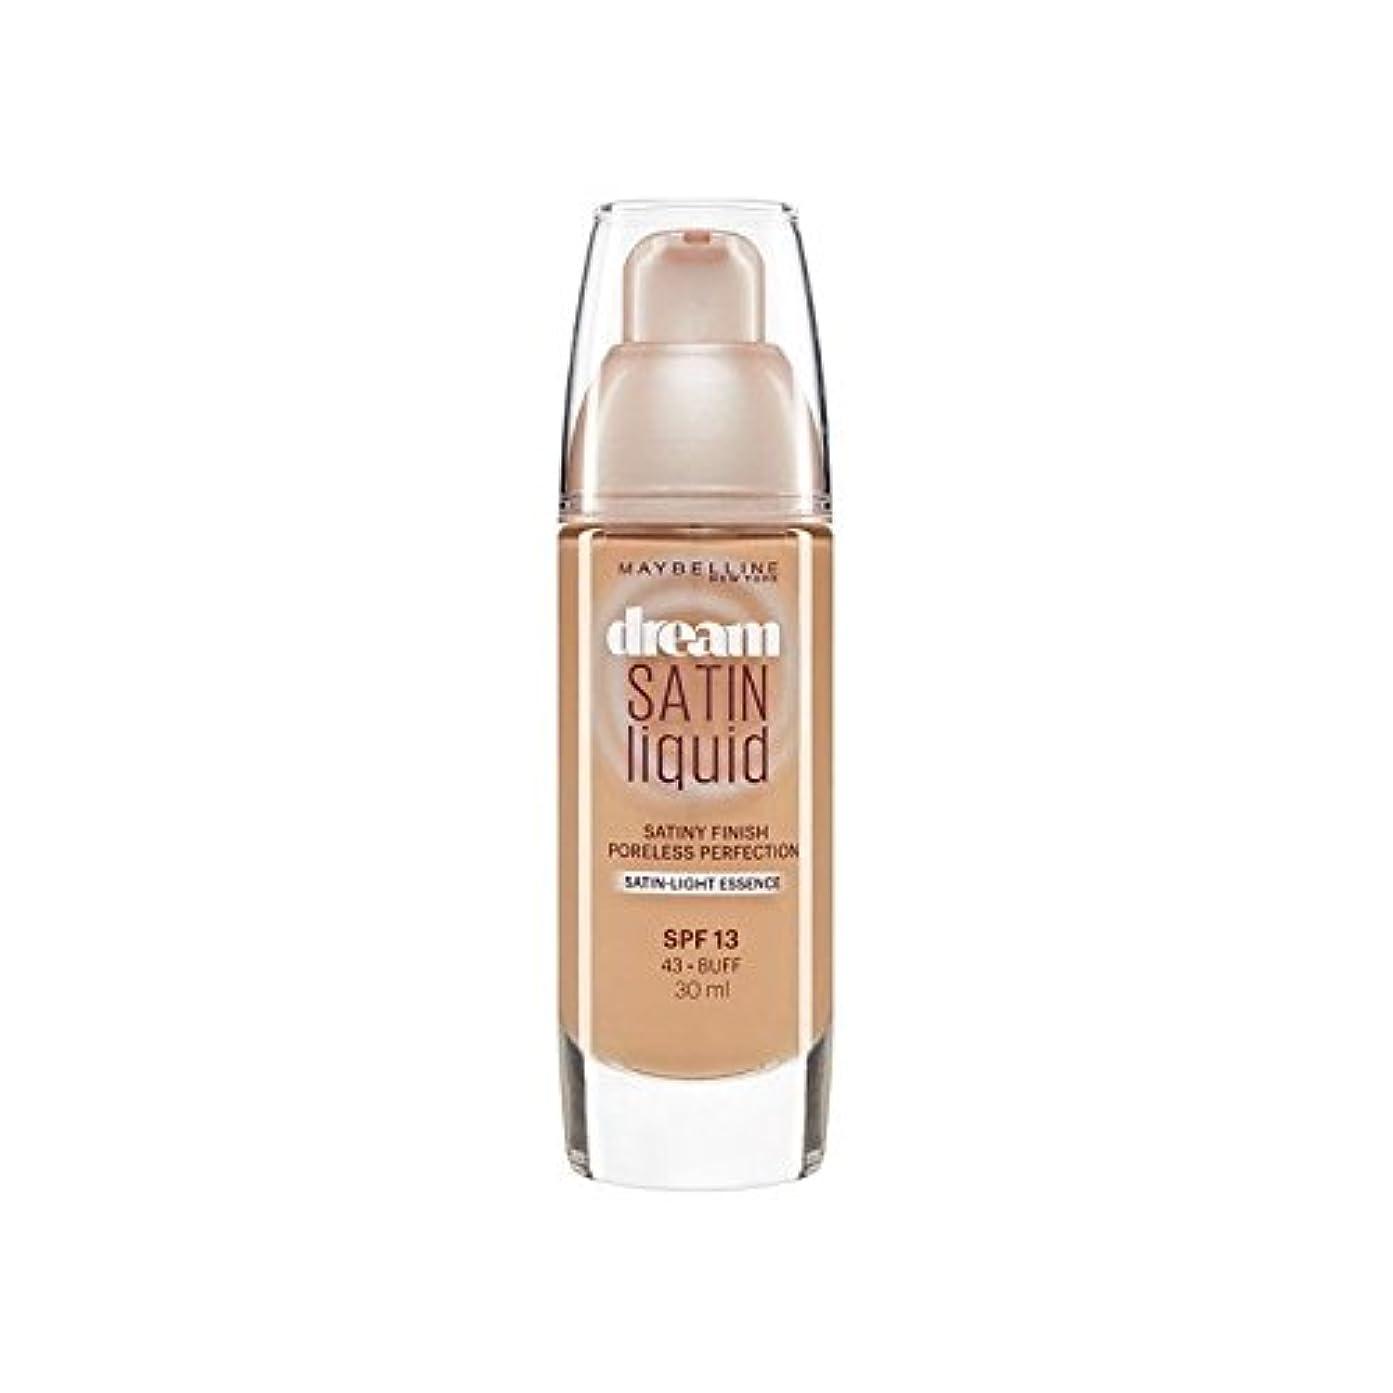 望みアレンジメディックMaybelline Dream Satin Liquid Foundation 43 Buff 30ml - メイベリン夢サテンリキッドファンデーション43バフ30ミリリットル [並行輸入品]